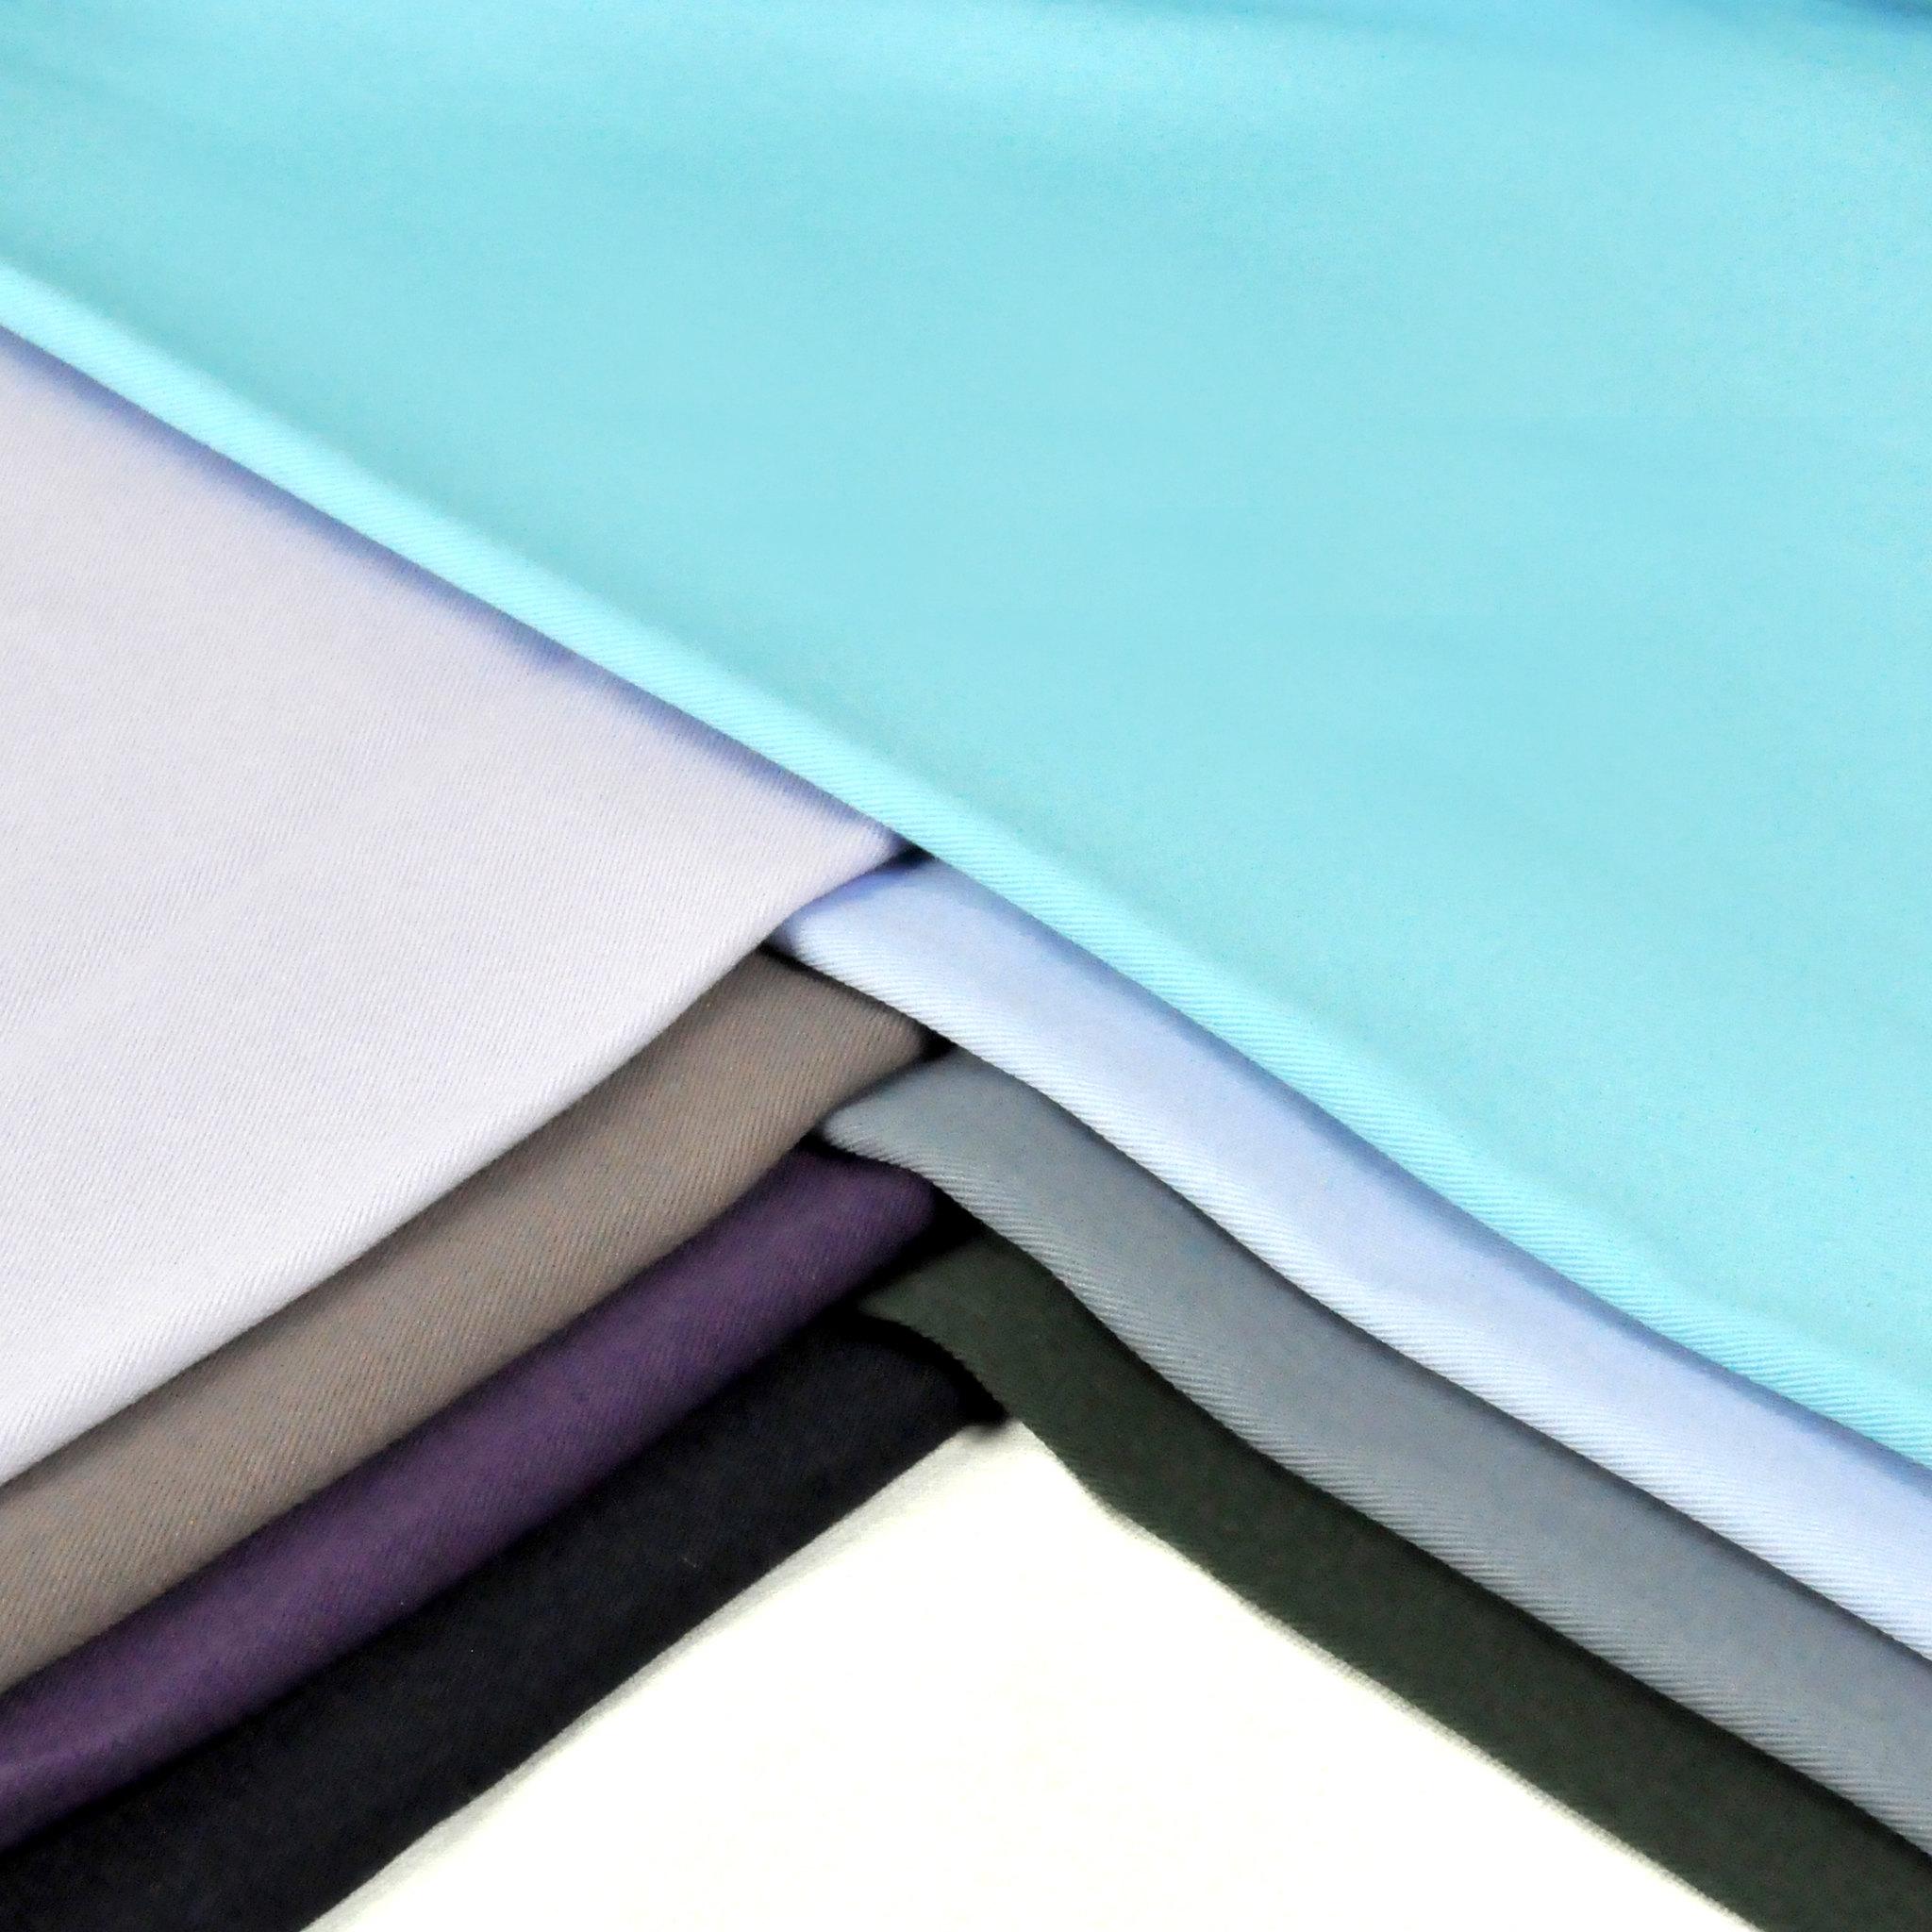 2C590037 冷色系 純棉素面 斜紋布 4尺9